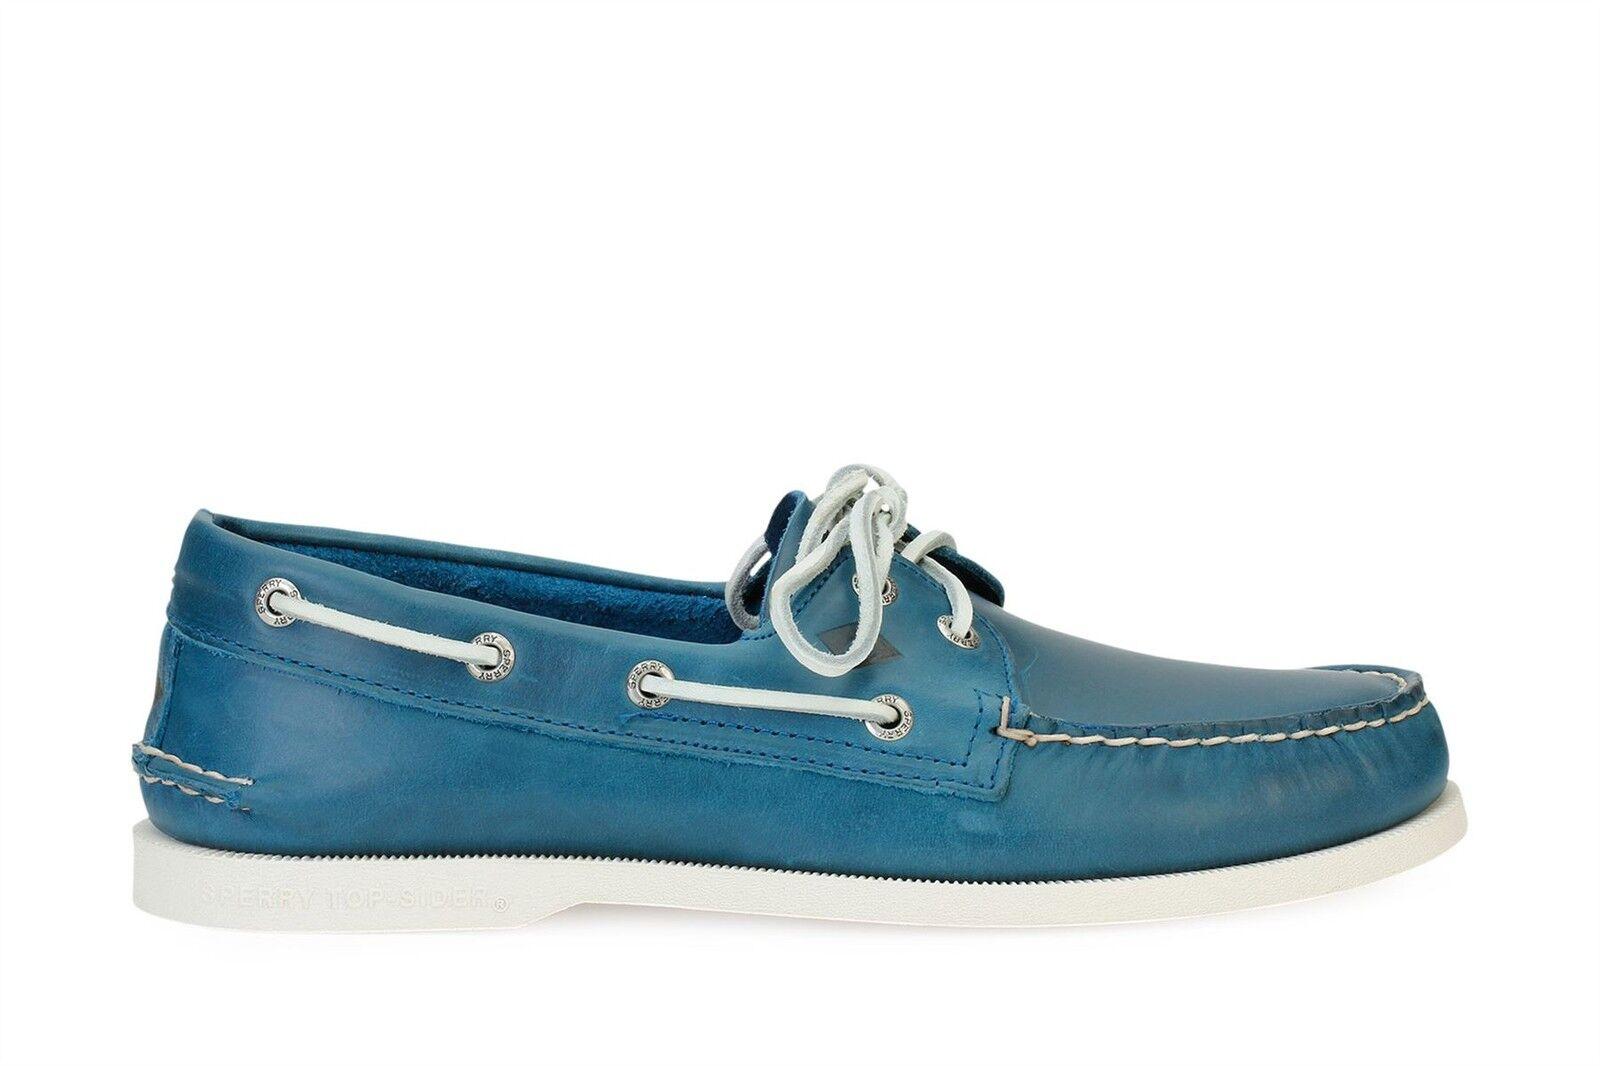 Scarpe casual da uomo  Sperry Top Sider uomos Boat Shoes A/O 2-Eye Sarape Blue